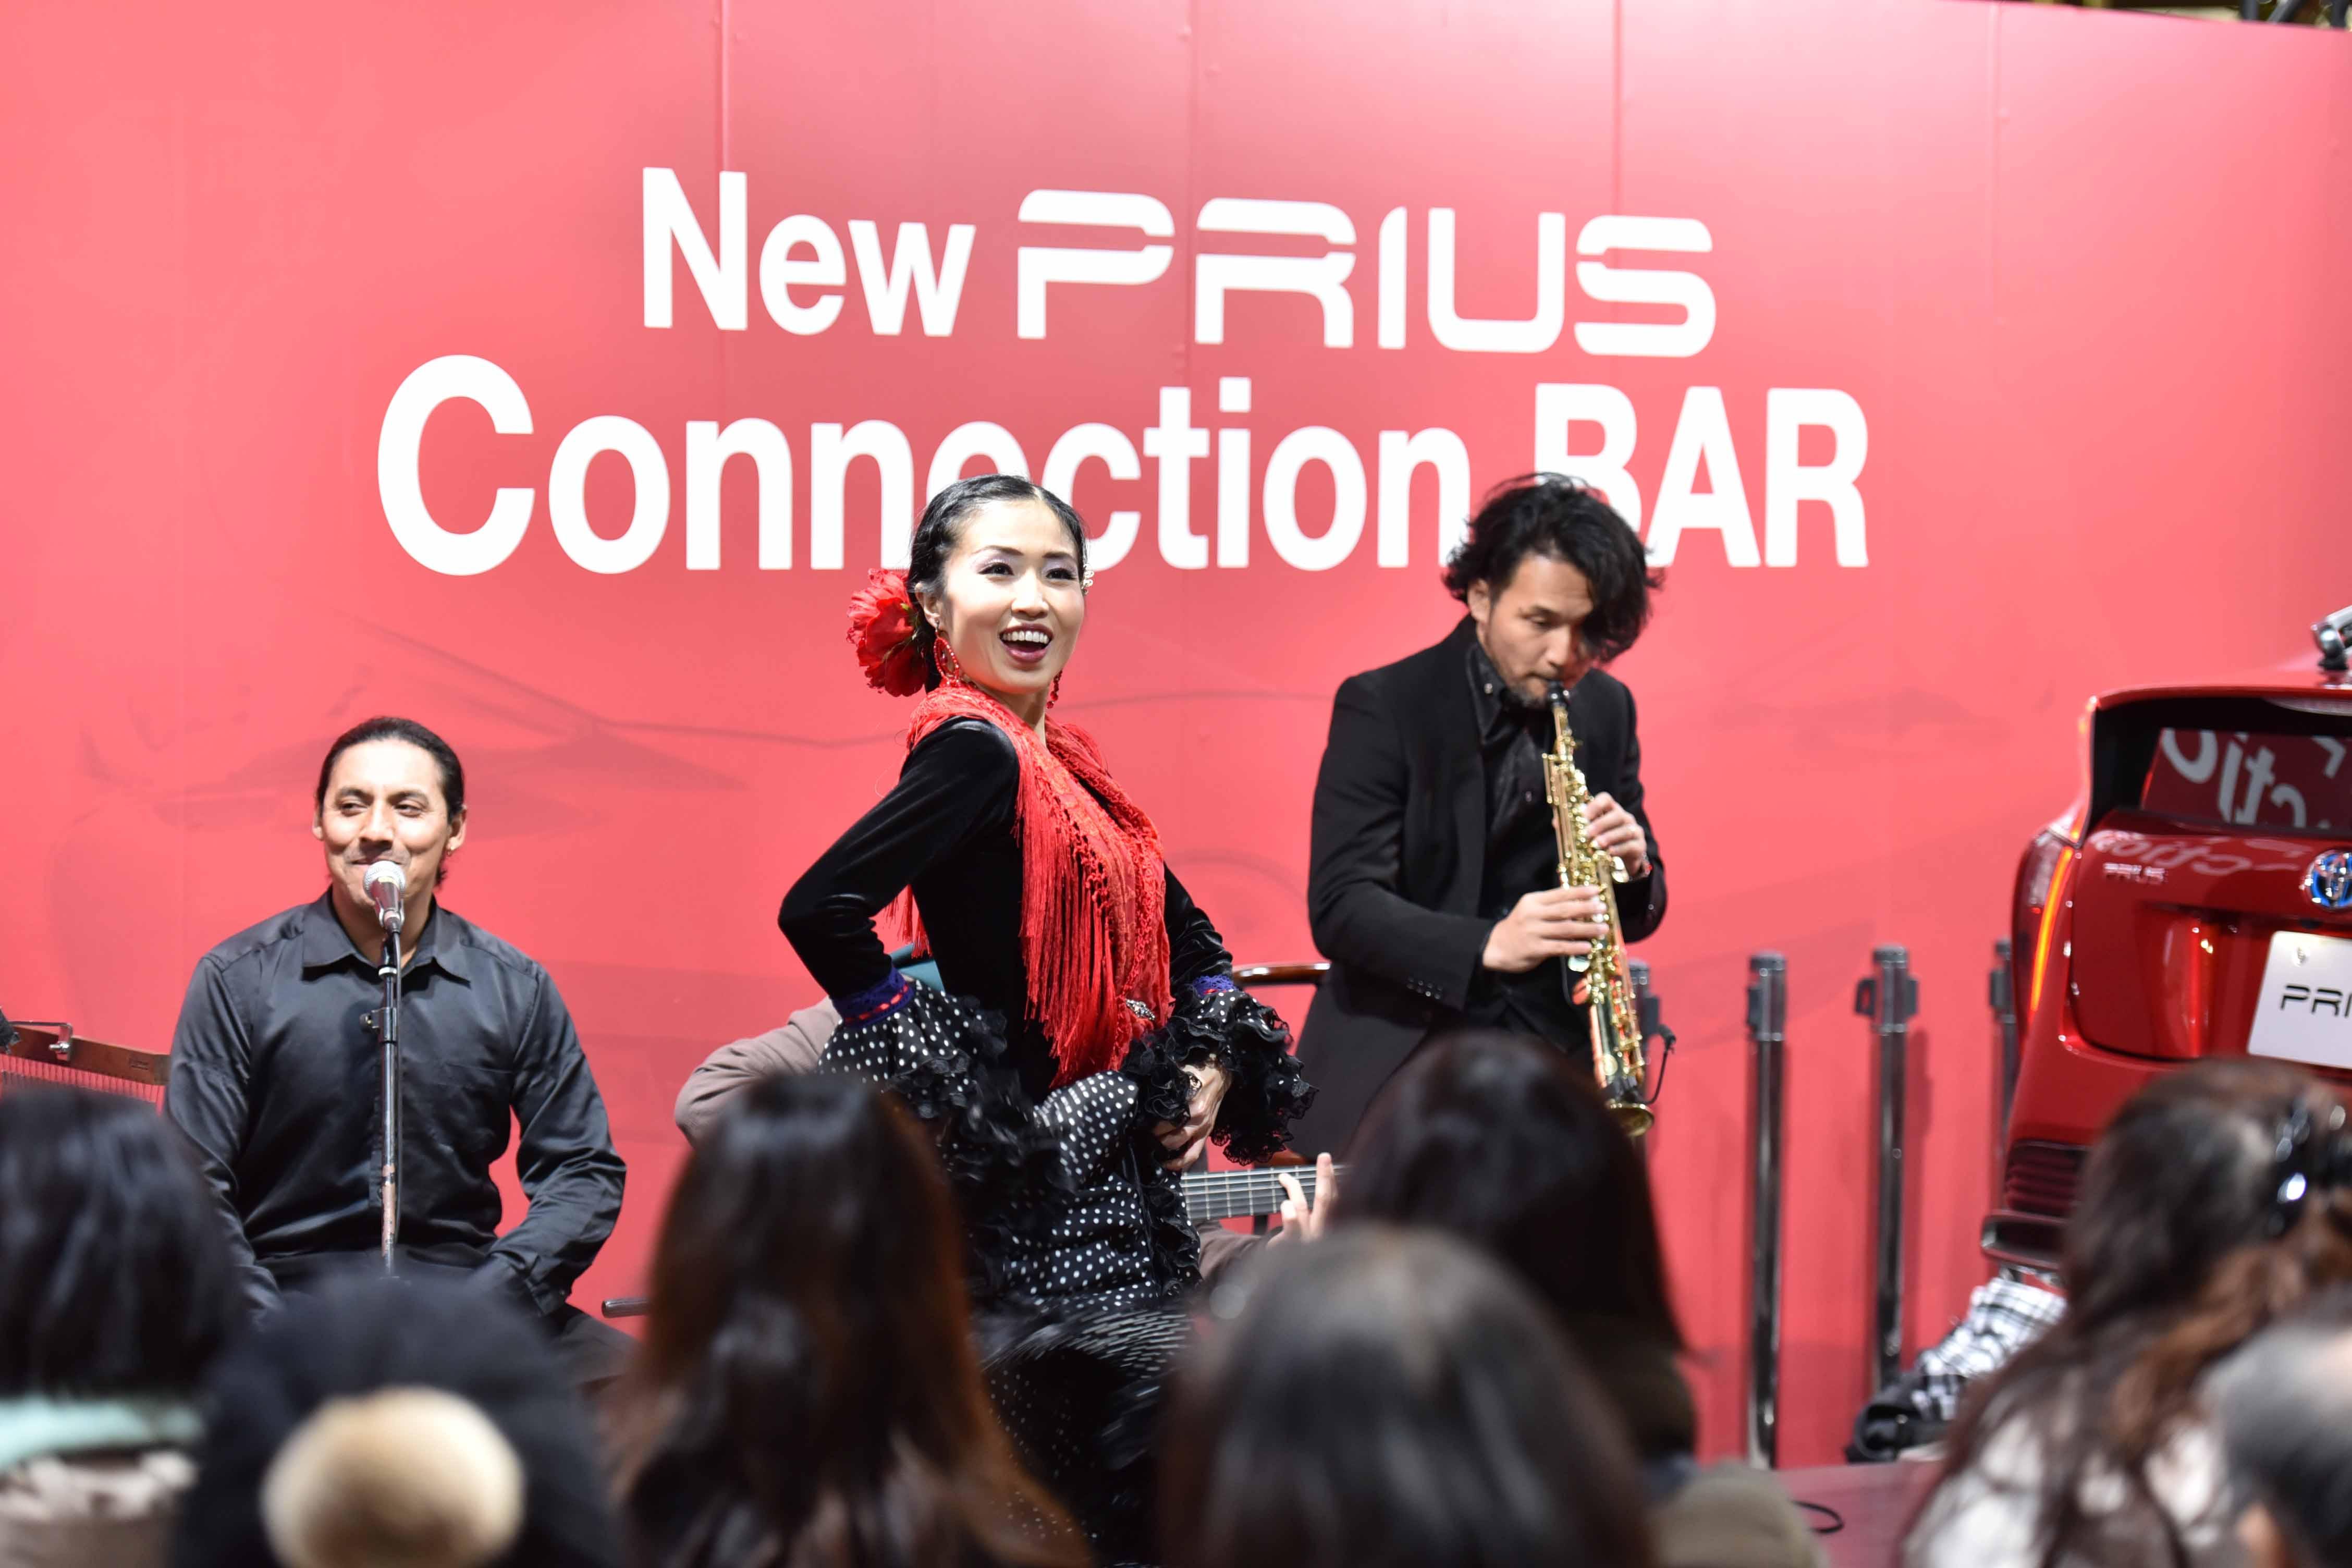 TOYOTA新型プリウス発表記念イベント en ミッドランドスクエア